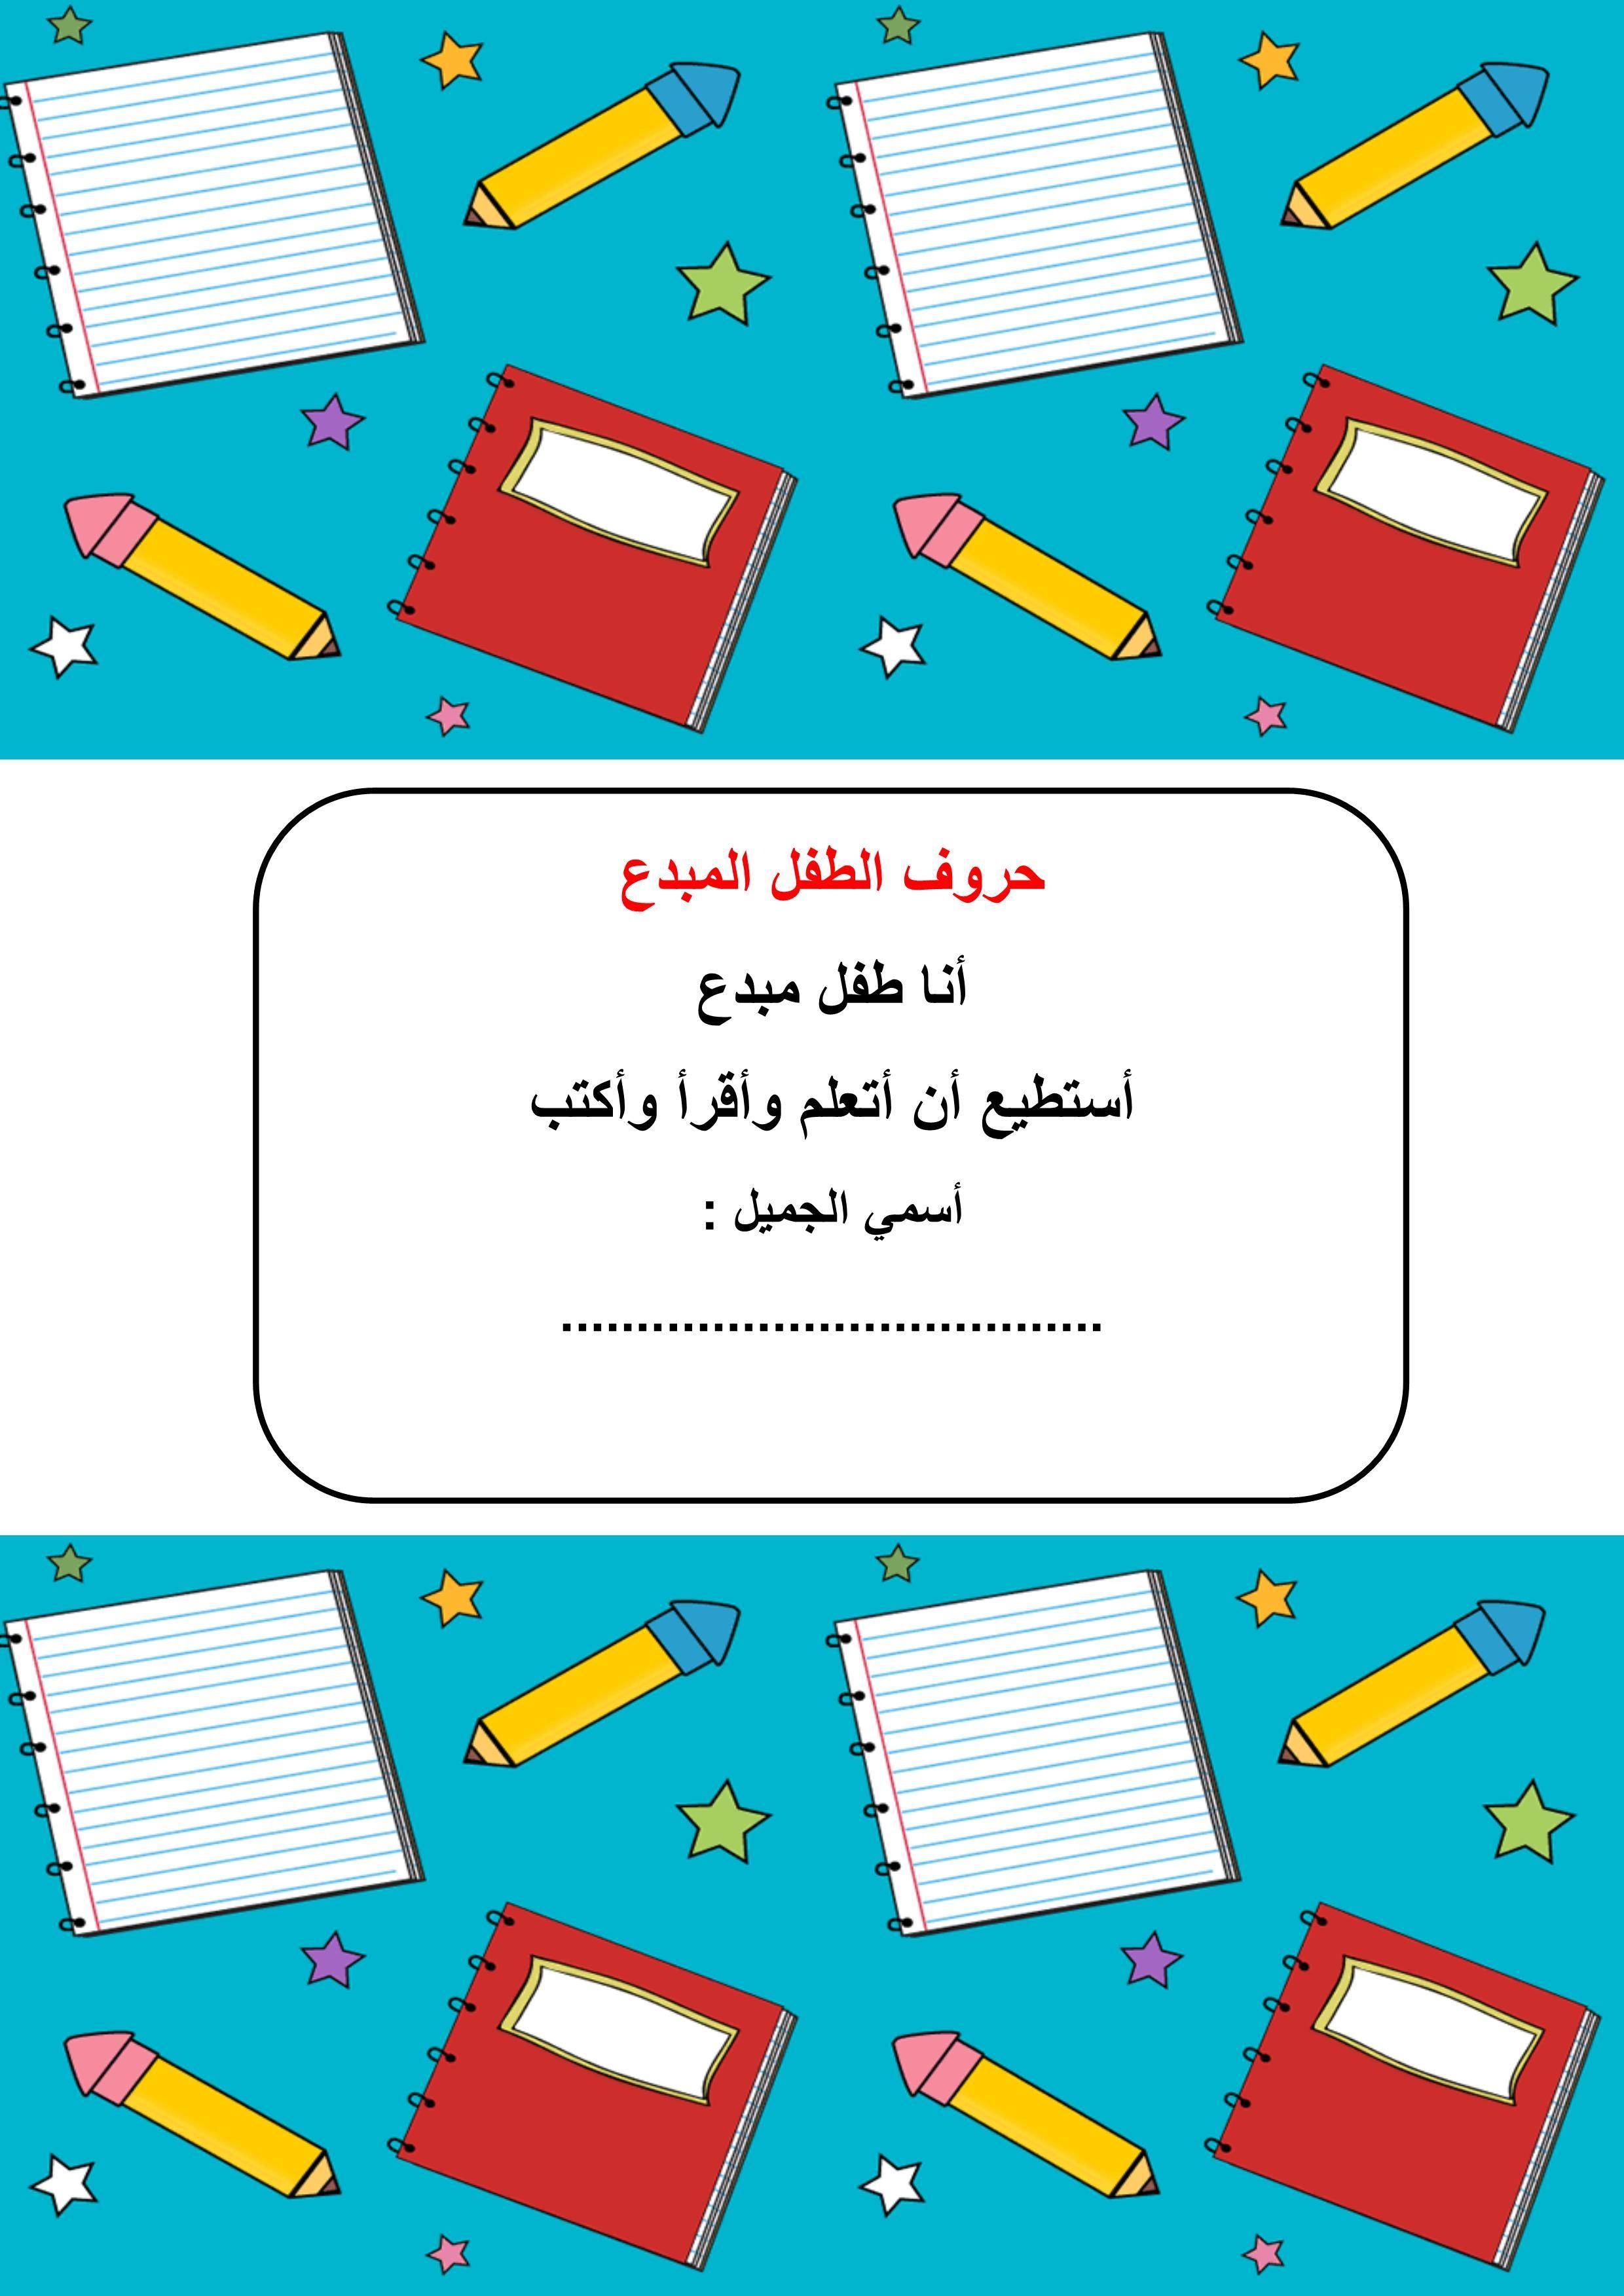 مذكرة حروف الطفل المبدع لتعليم الاطفال المبتدئين الحروف الهجائية المعلمة أسماء Arabic Alphabet For Kids Alphabet For Kids Math Activities Preschool